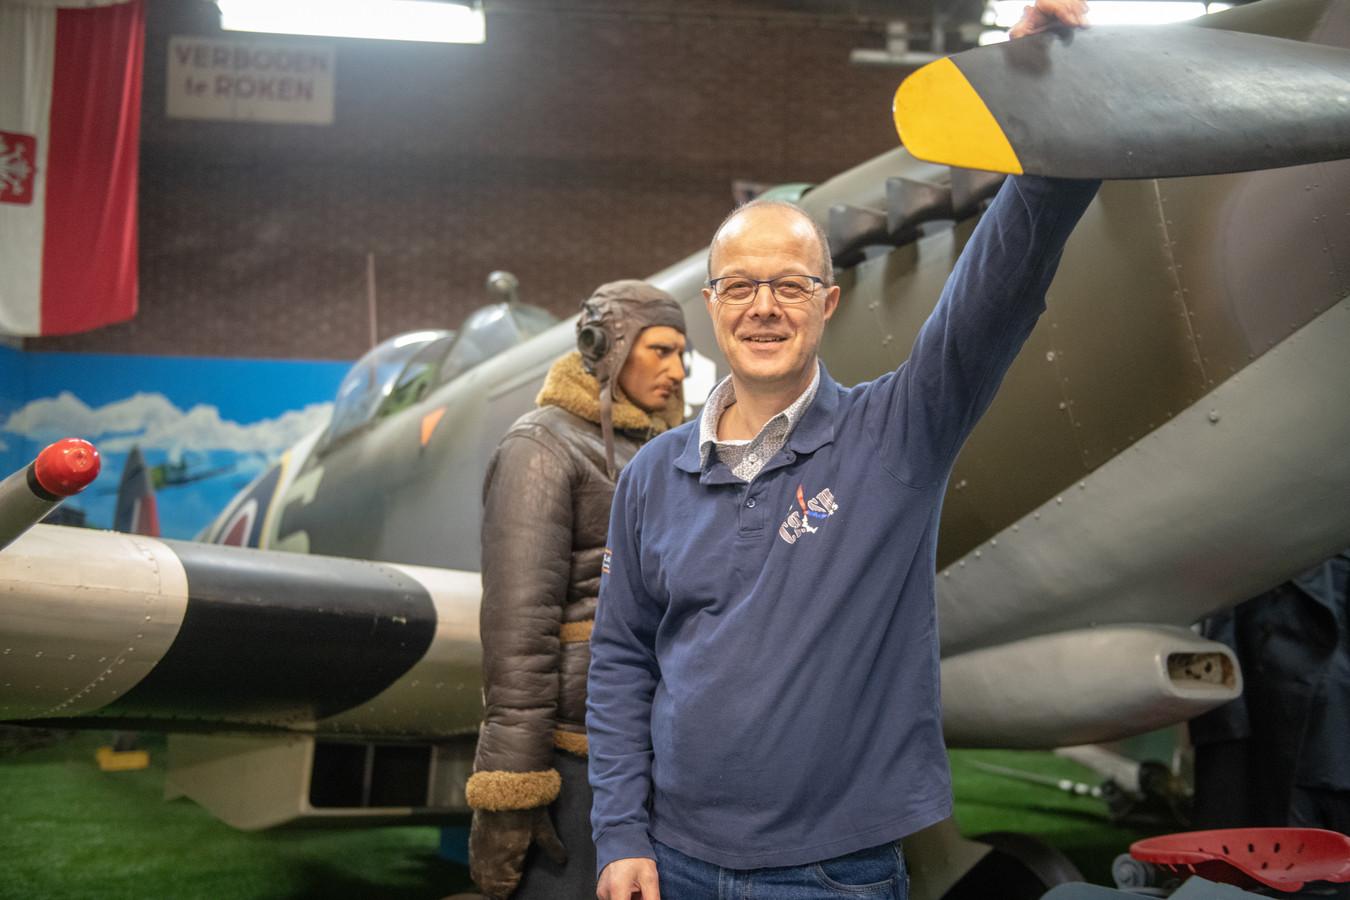 Jan Springintveld vertelt tijdens de Spitfiredag het verhaal over de Australische piloot John Carmichael, die in de oorlog ondergedoken zat in Leimuiden, nadat diens Spitfire was neergestort: ,,Je kon in die tijd niemand vertrouwen.''